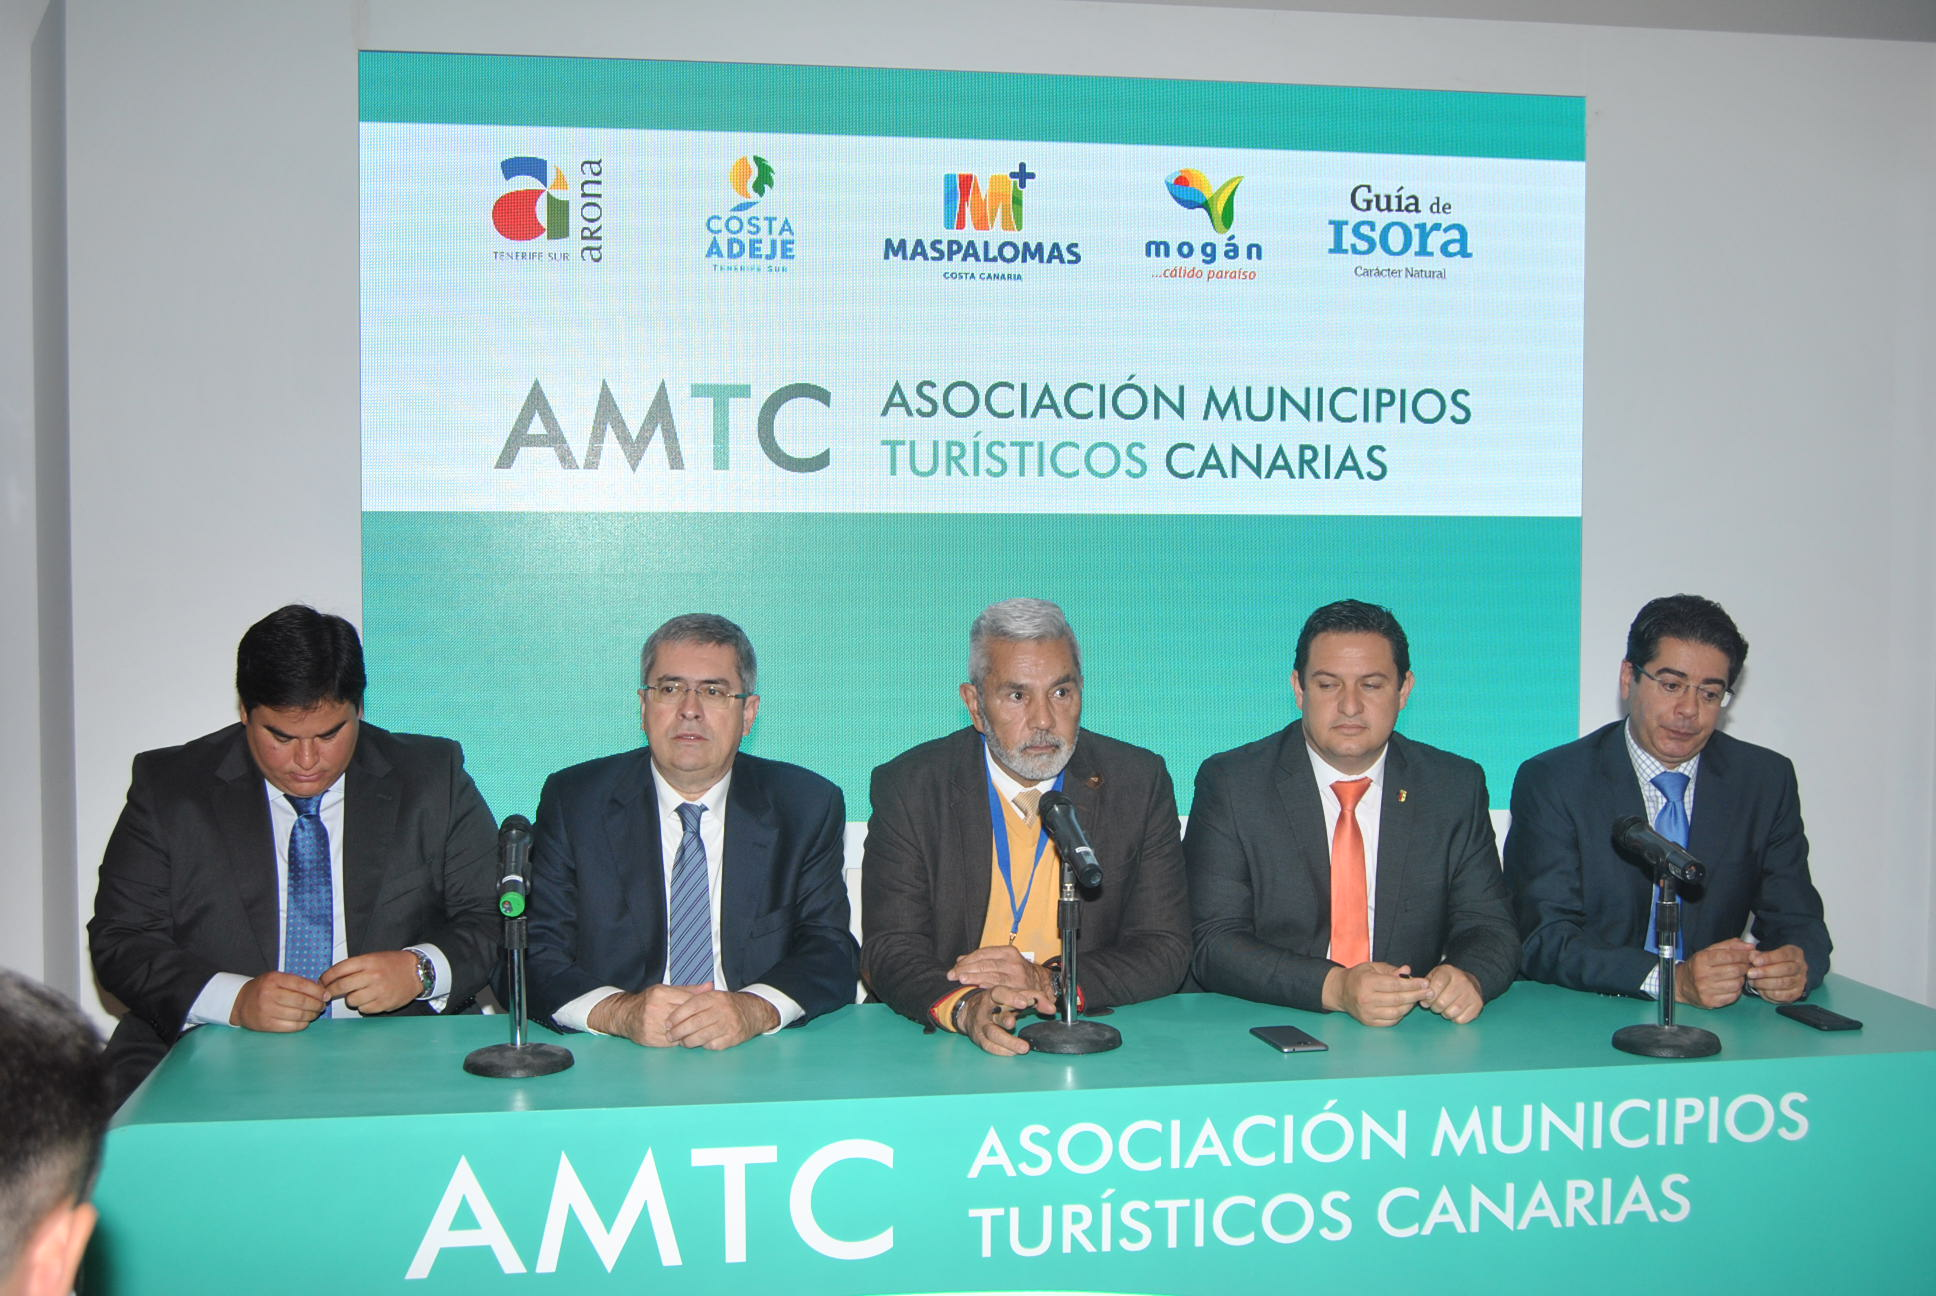 Se presenta la Asociación de Municipios Turísticos de Canarias en FITUR 2018